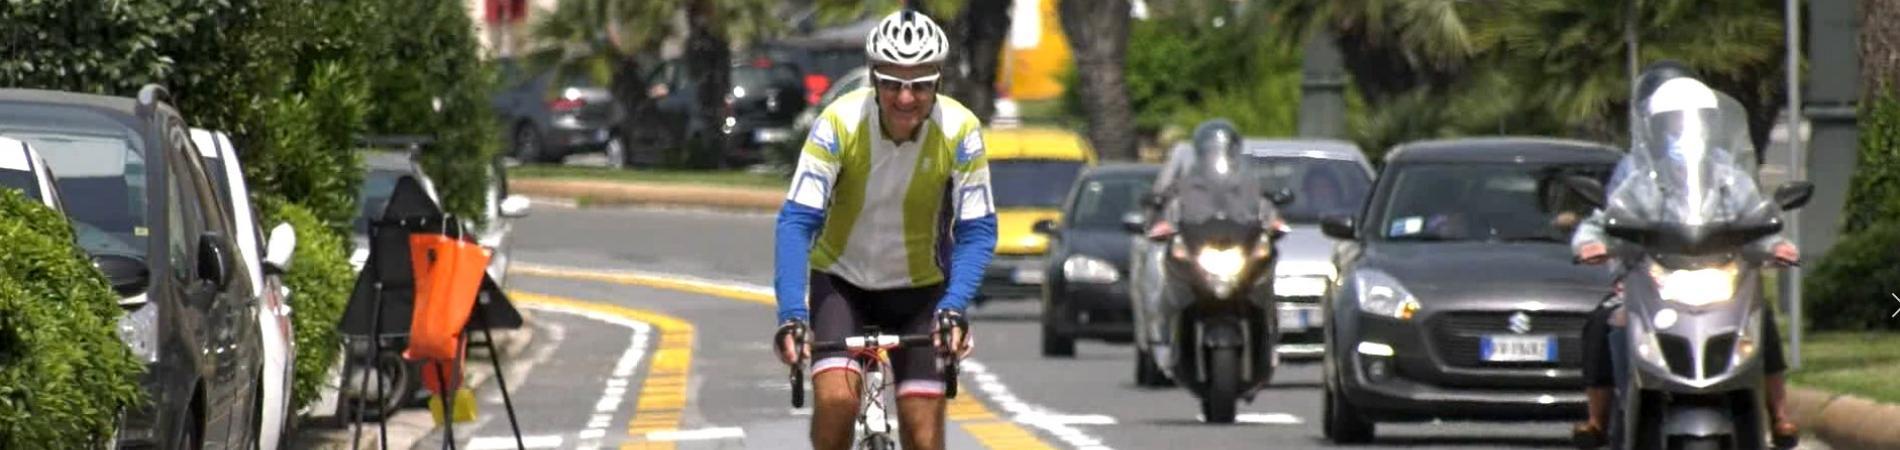 Biciplan Metropolitano - primi incontri con i referenti comunali